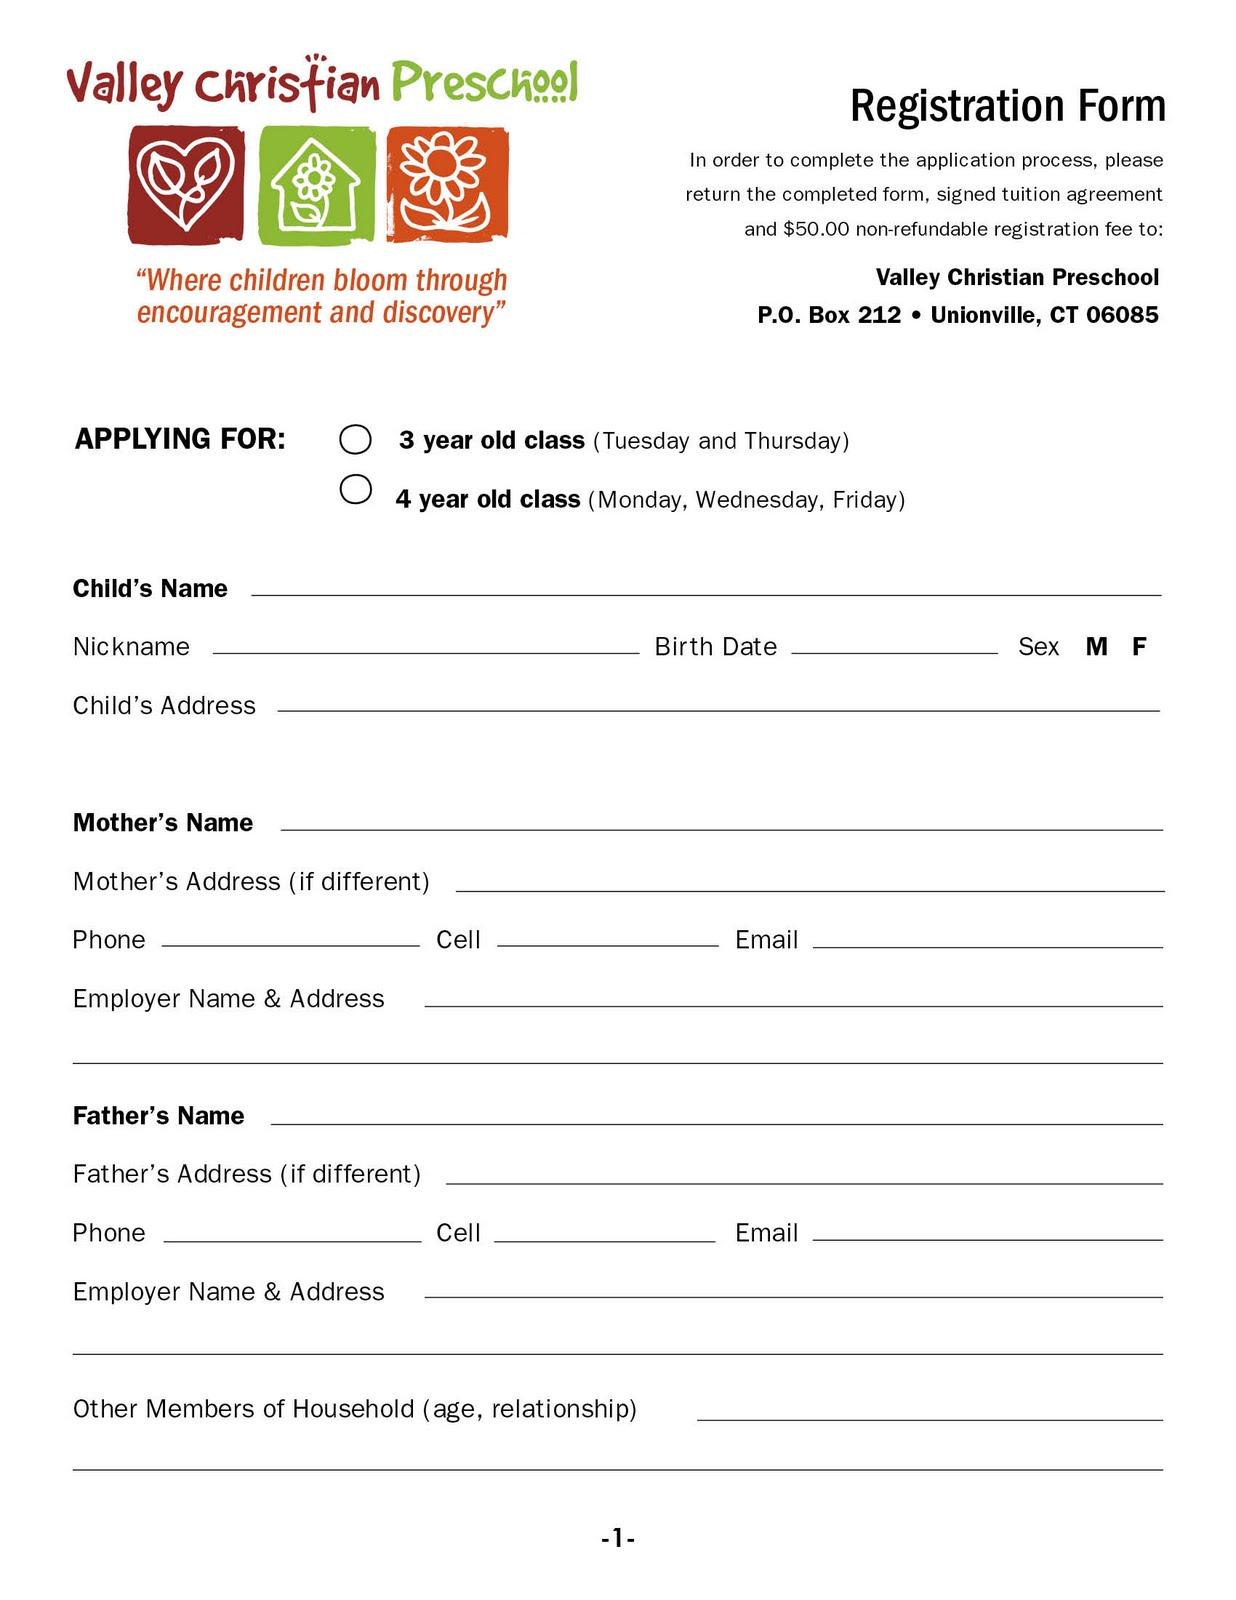 valley christian preschool download a registration form. Black Bedroom Furniture Sets. Home Design Ideas